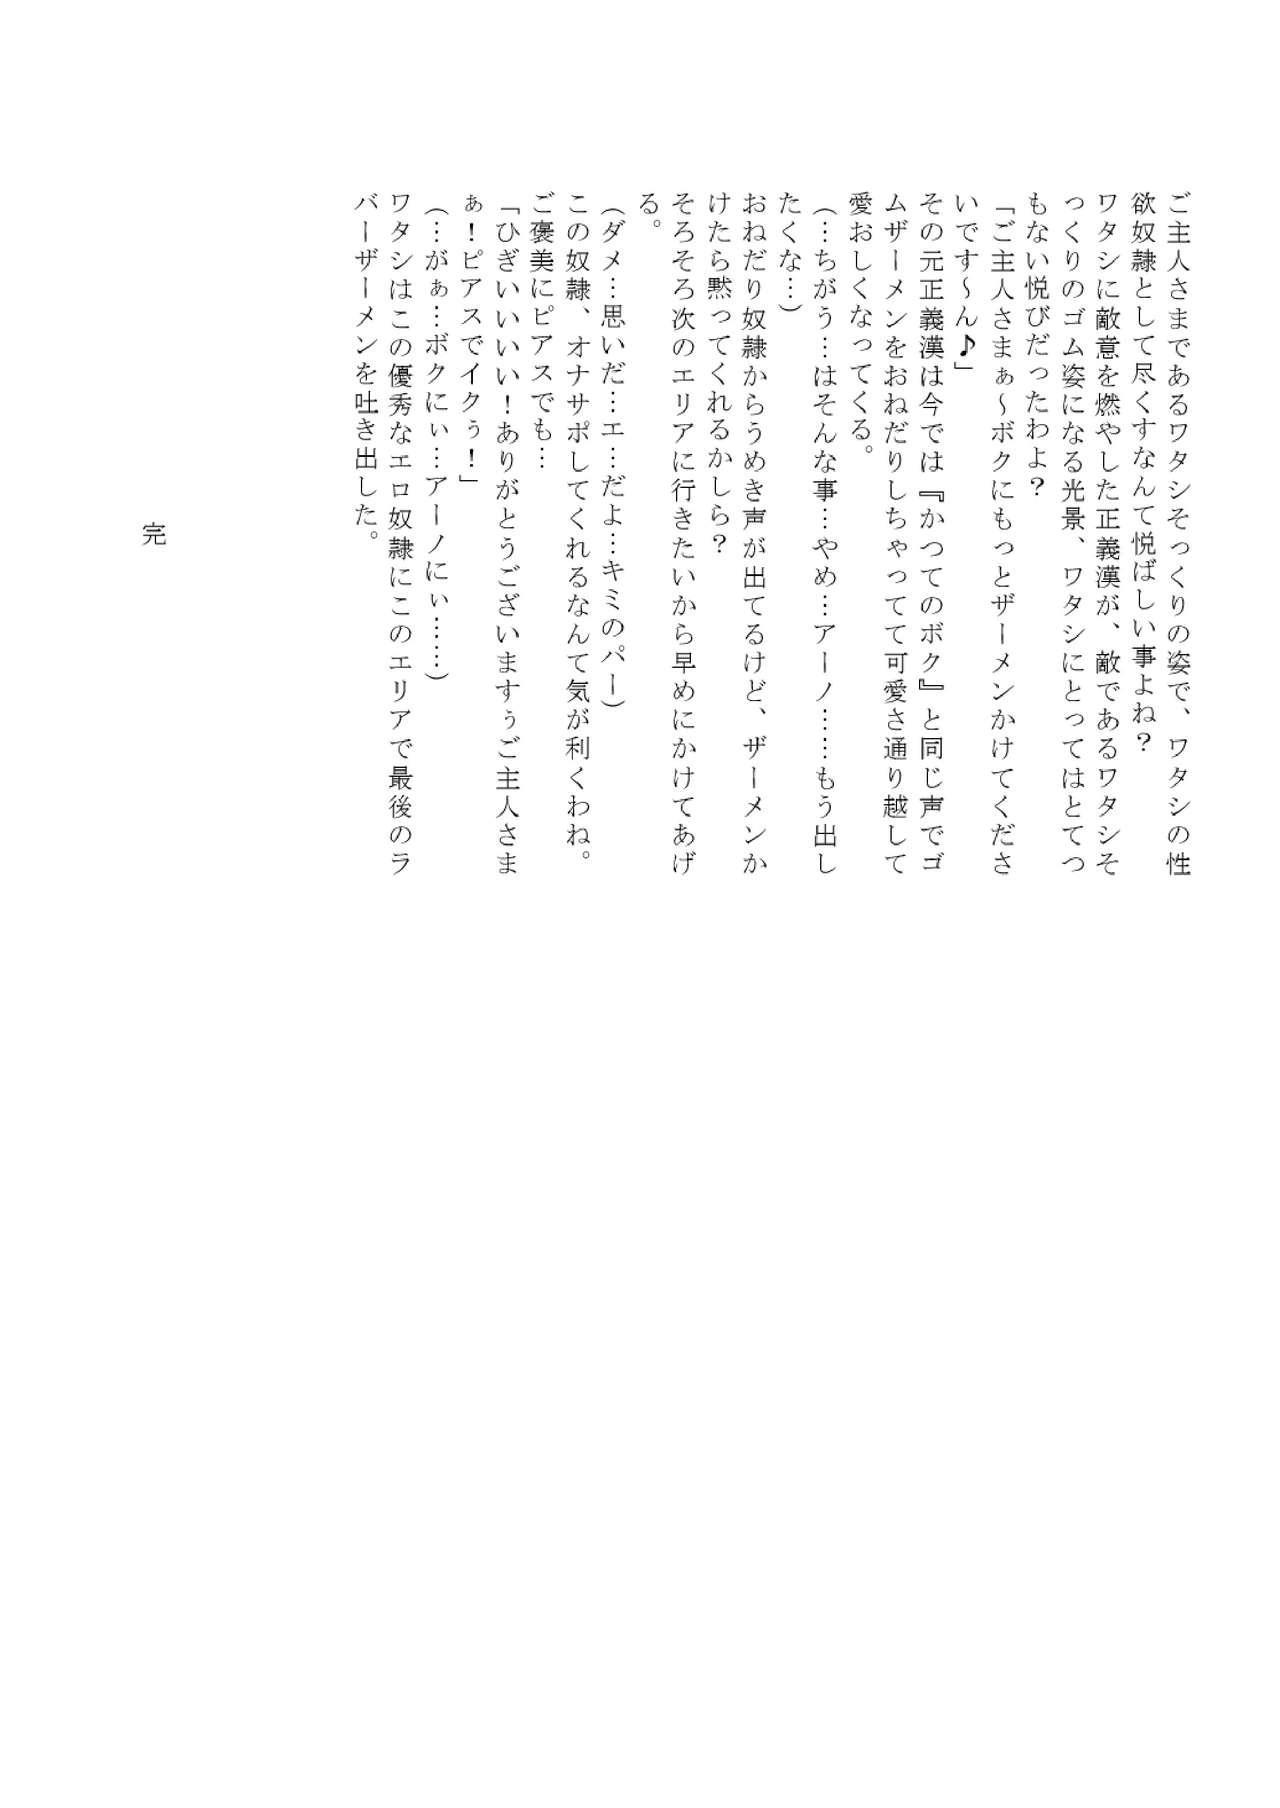 Gomboat-ka Goudou Zecchou Gomu 57